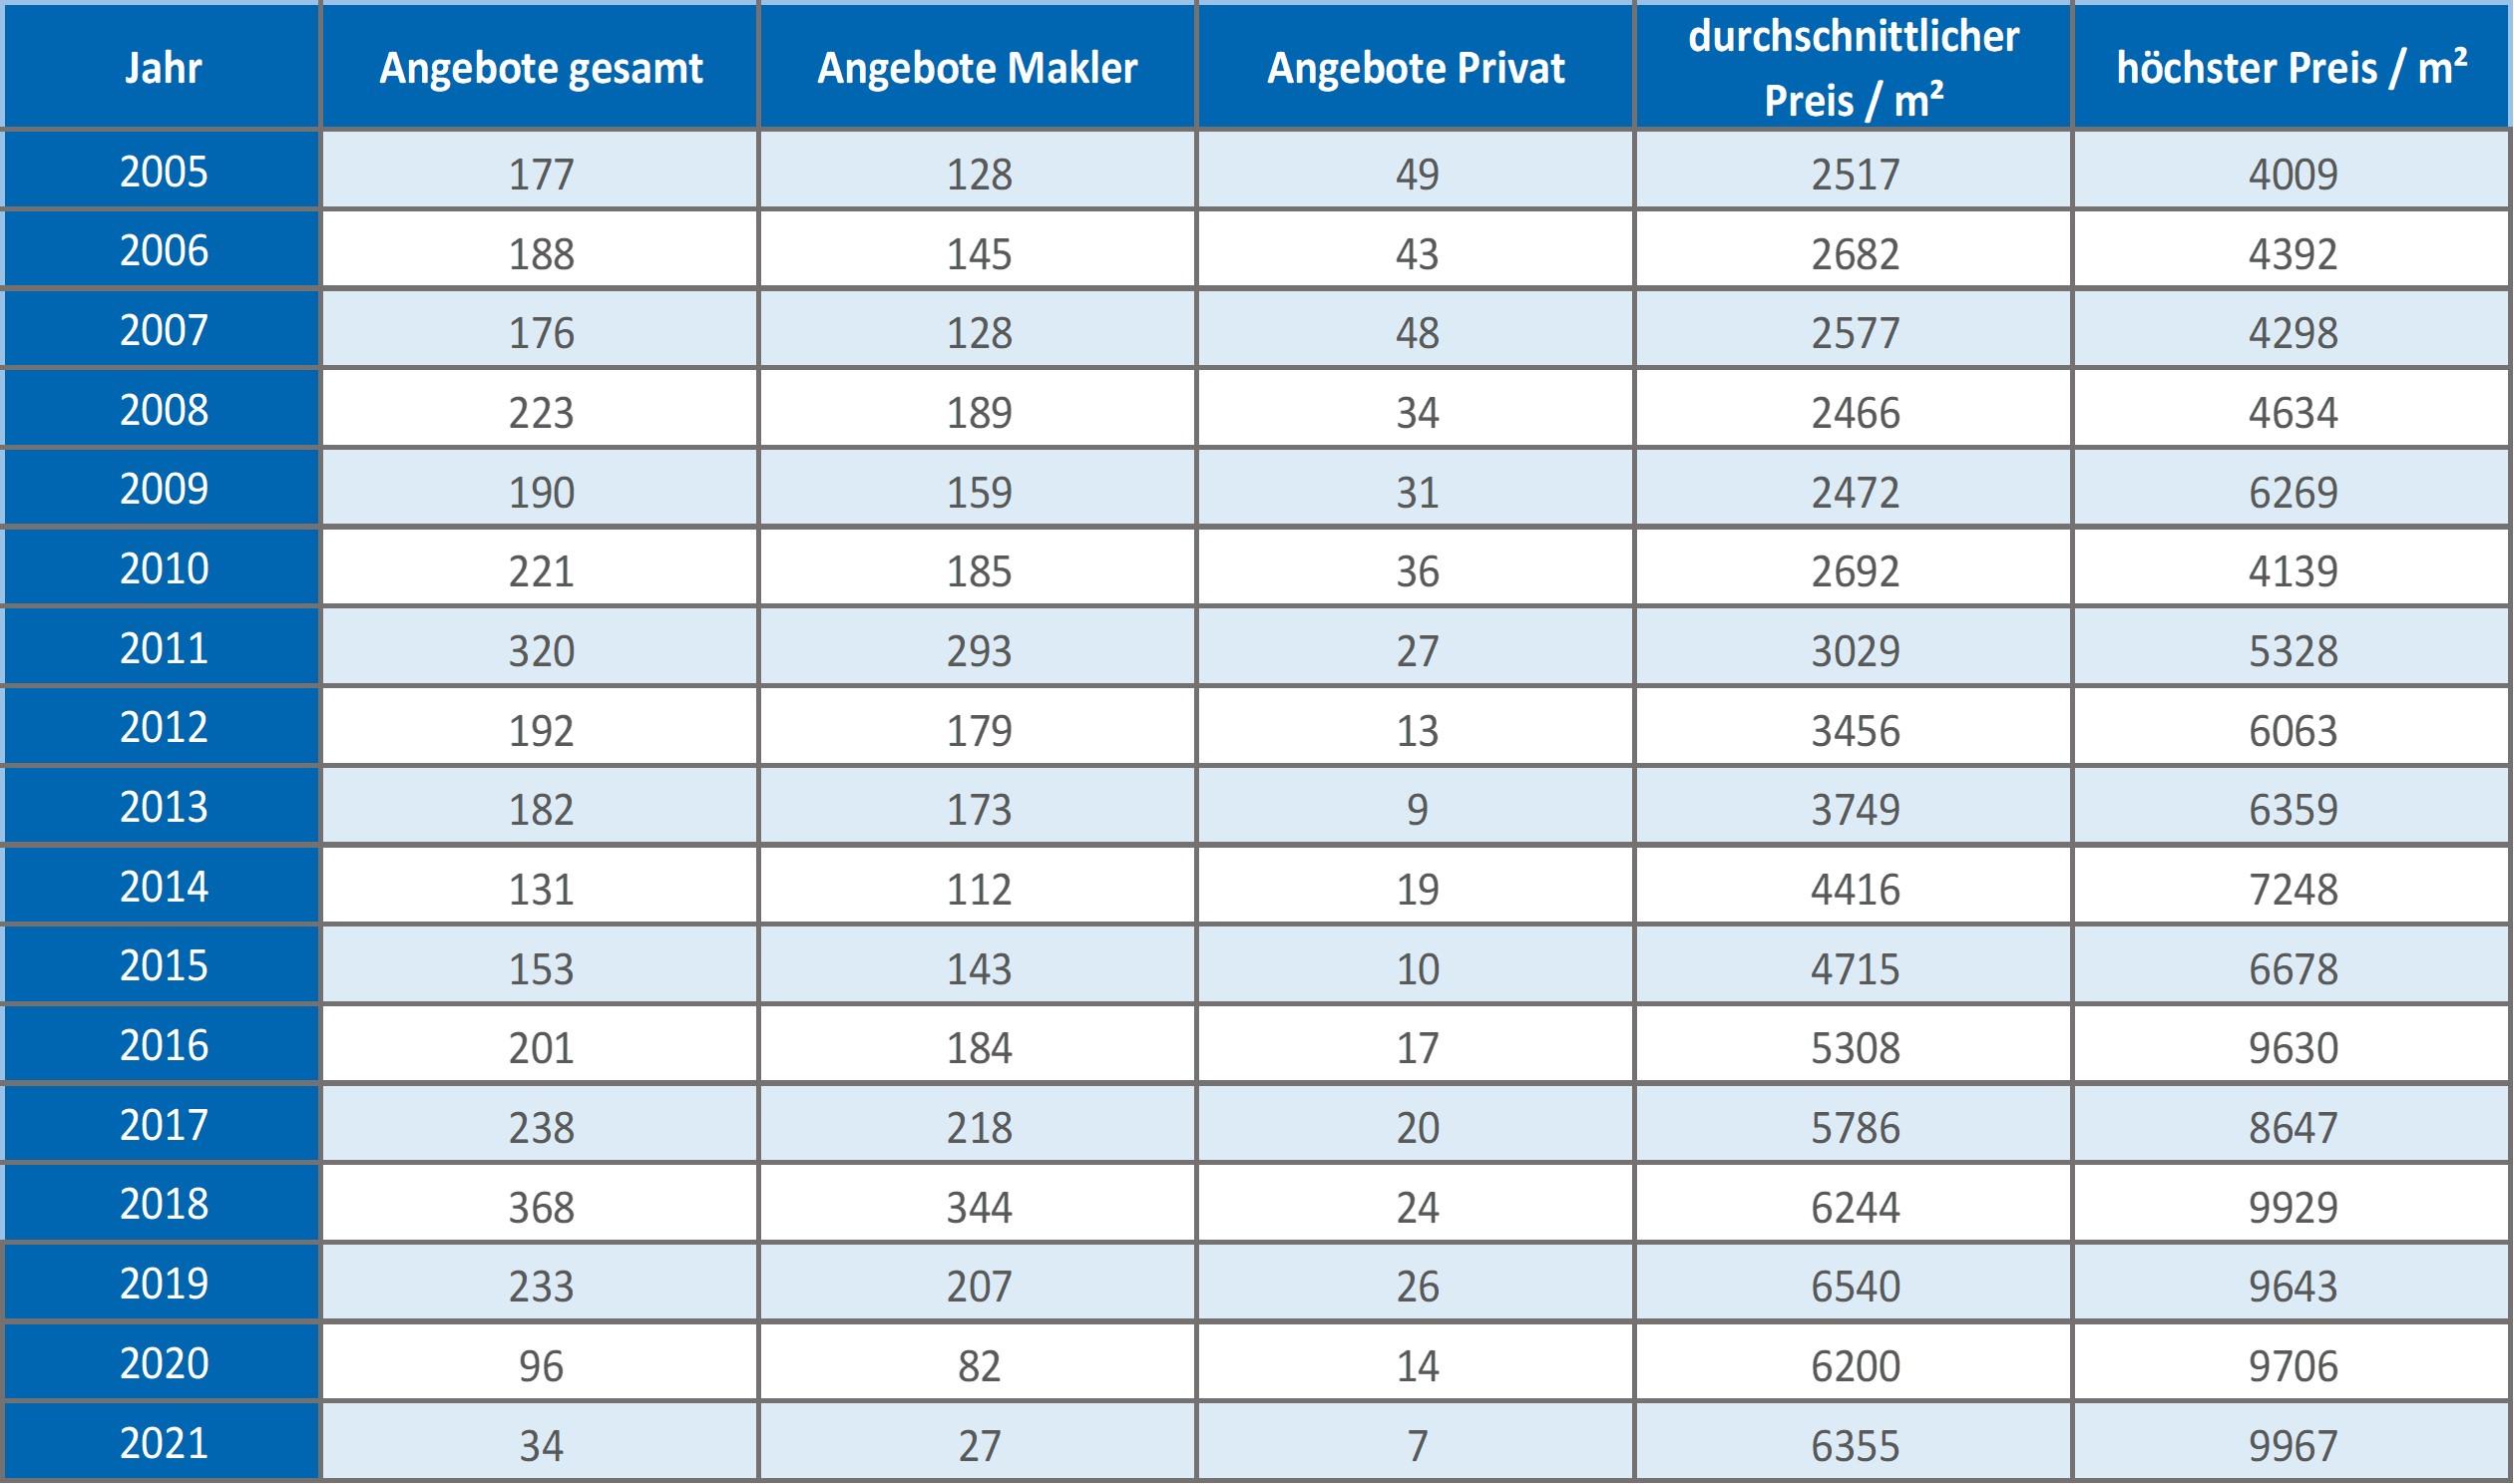 Baldham-Vaterstetten-Wohnung-kaufen-verkaufen-Makler 2019, 2020, 2021